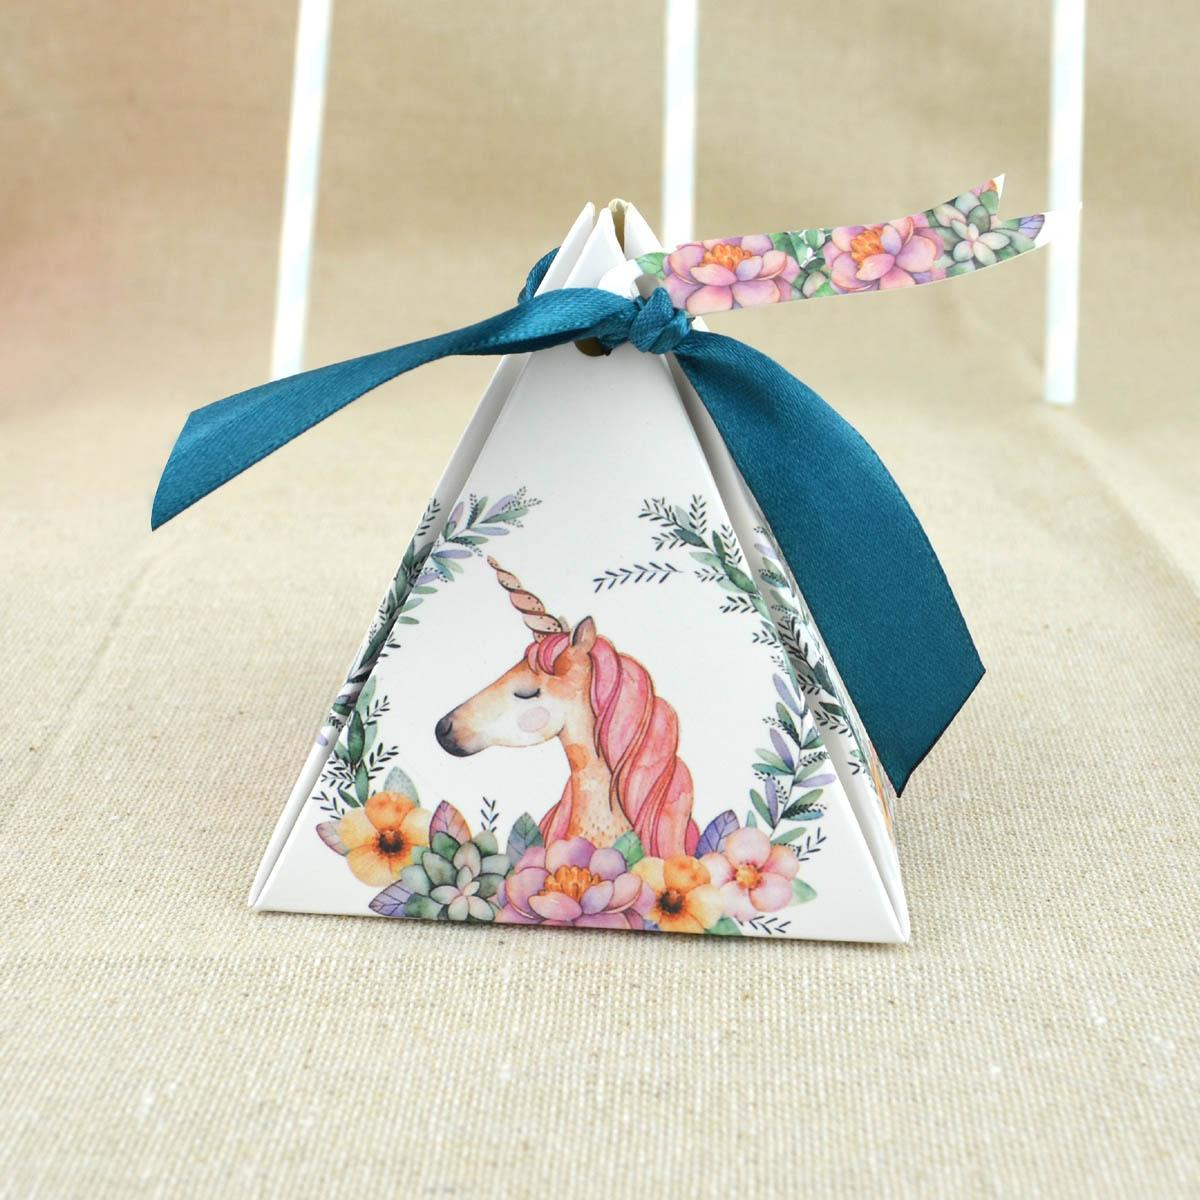 새로운 유니콘 사탕 상자 결혼식 호의 상자 크리스마스 선물 상자 회전 목마 피라미드 팁 설탕 상자 베이비 샤워 파티 장식